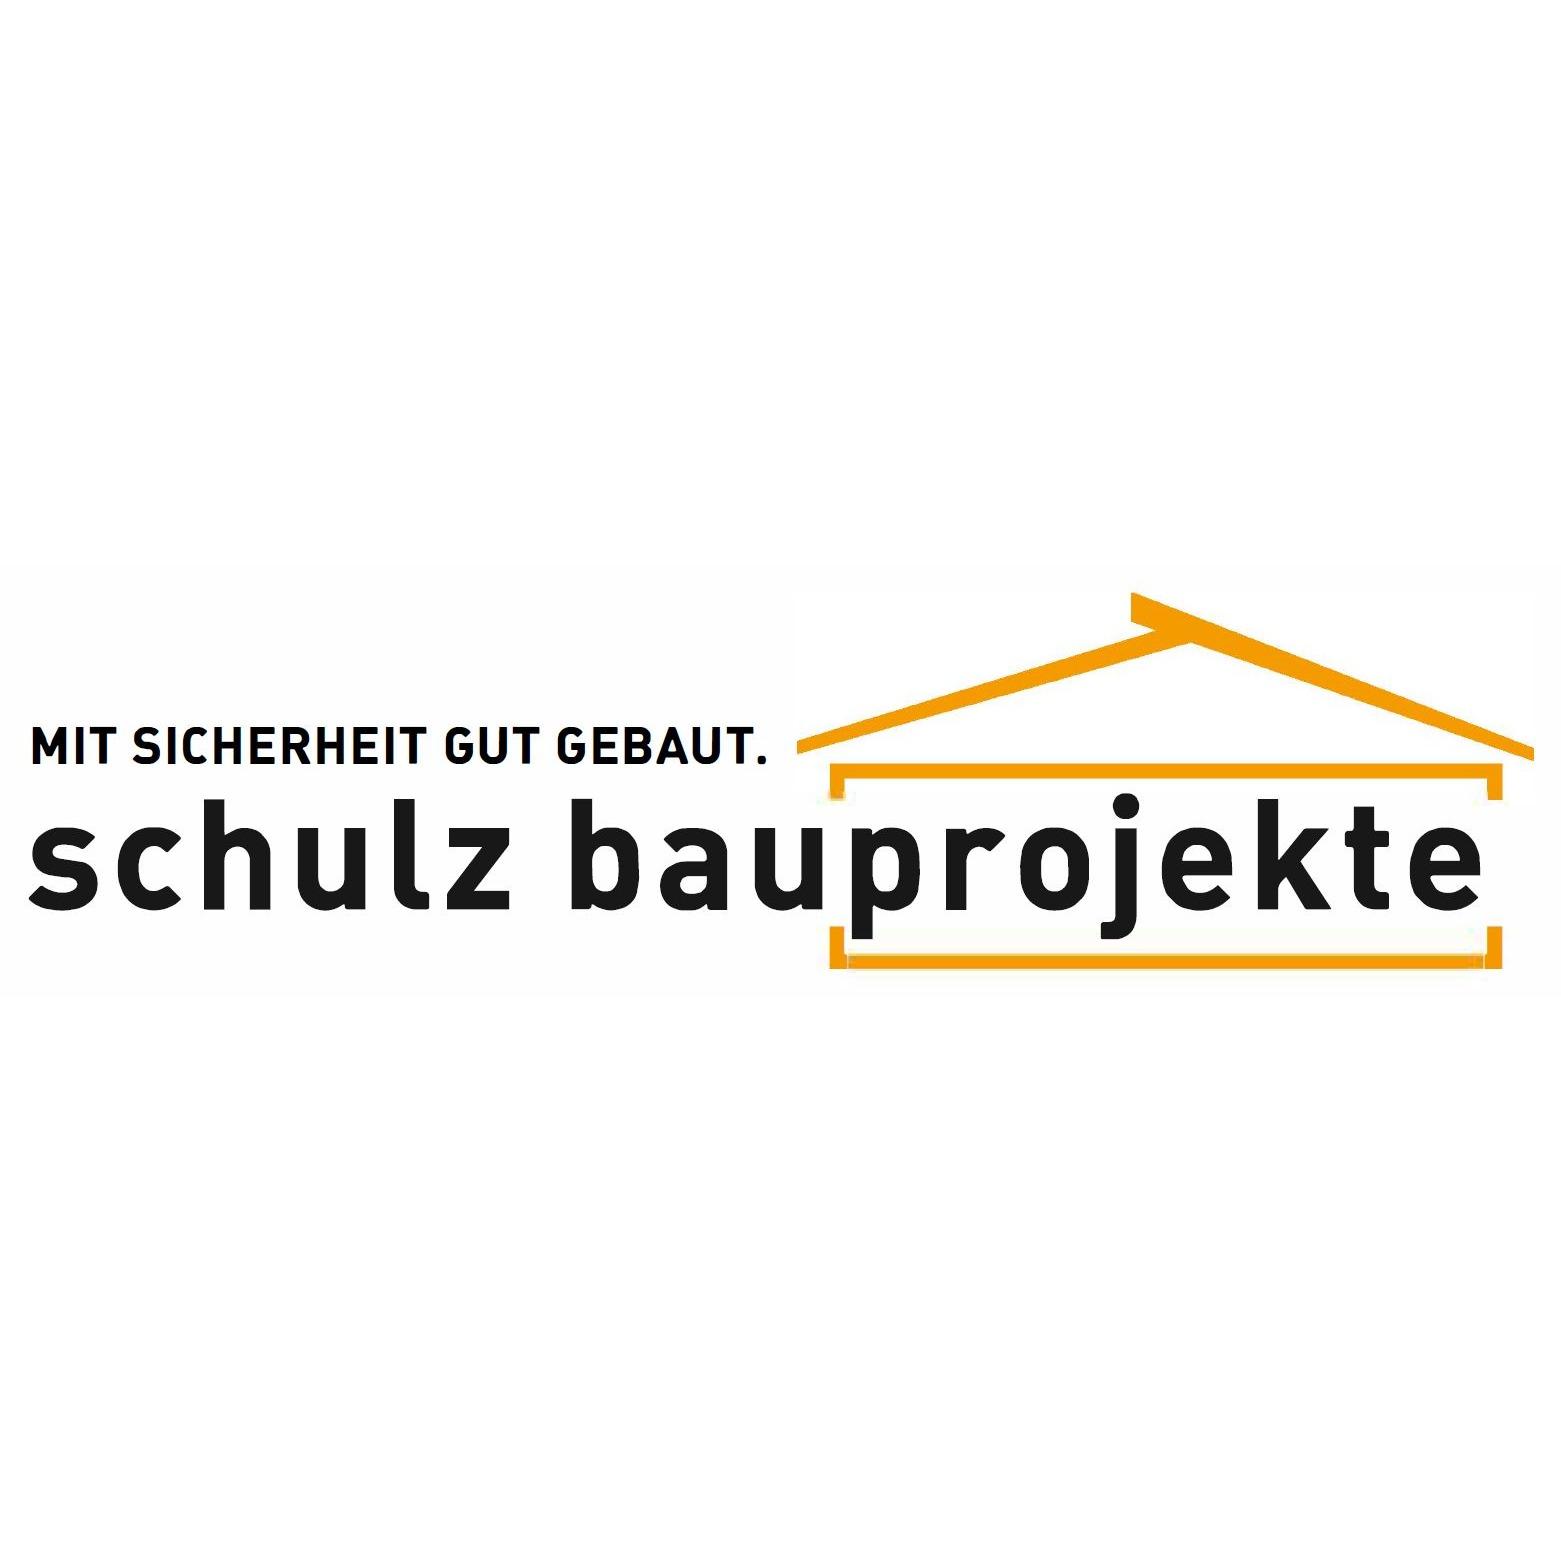 Bild zu Schulz Bauprojekte -Massivbau Mit Sicherheit gut gebaut in Horgenzell